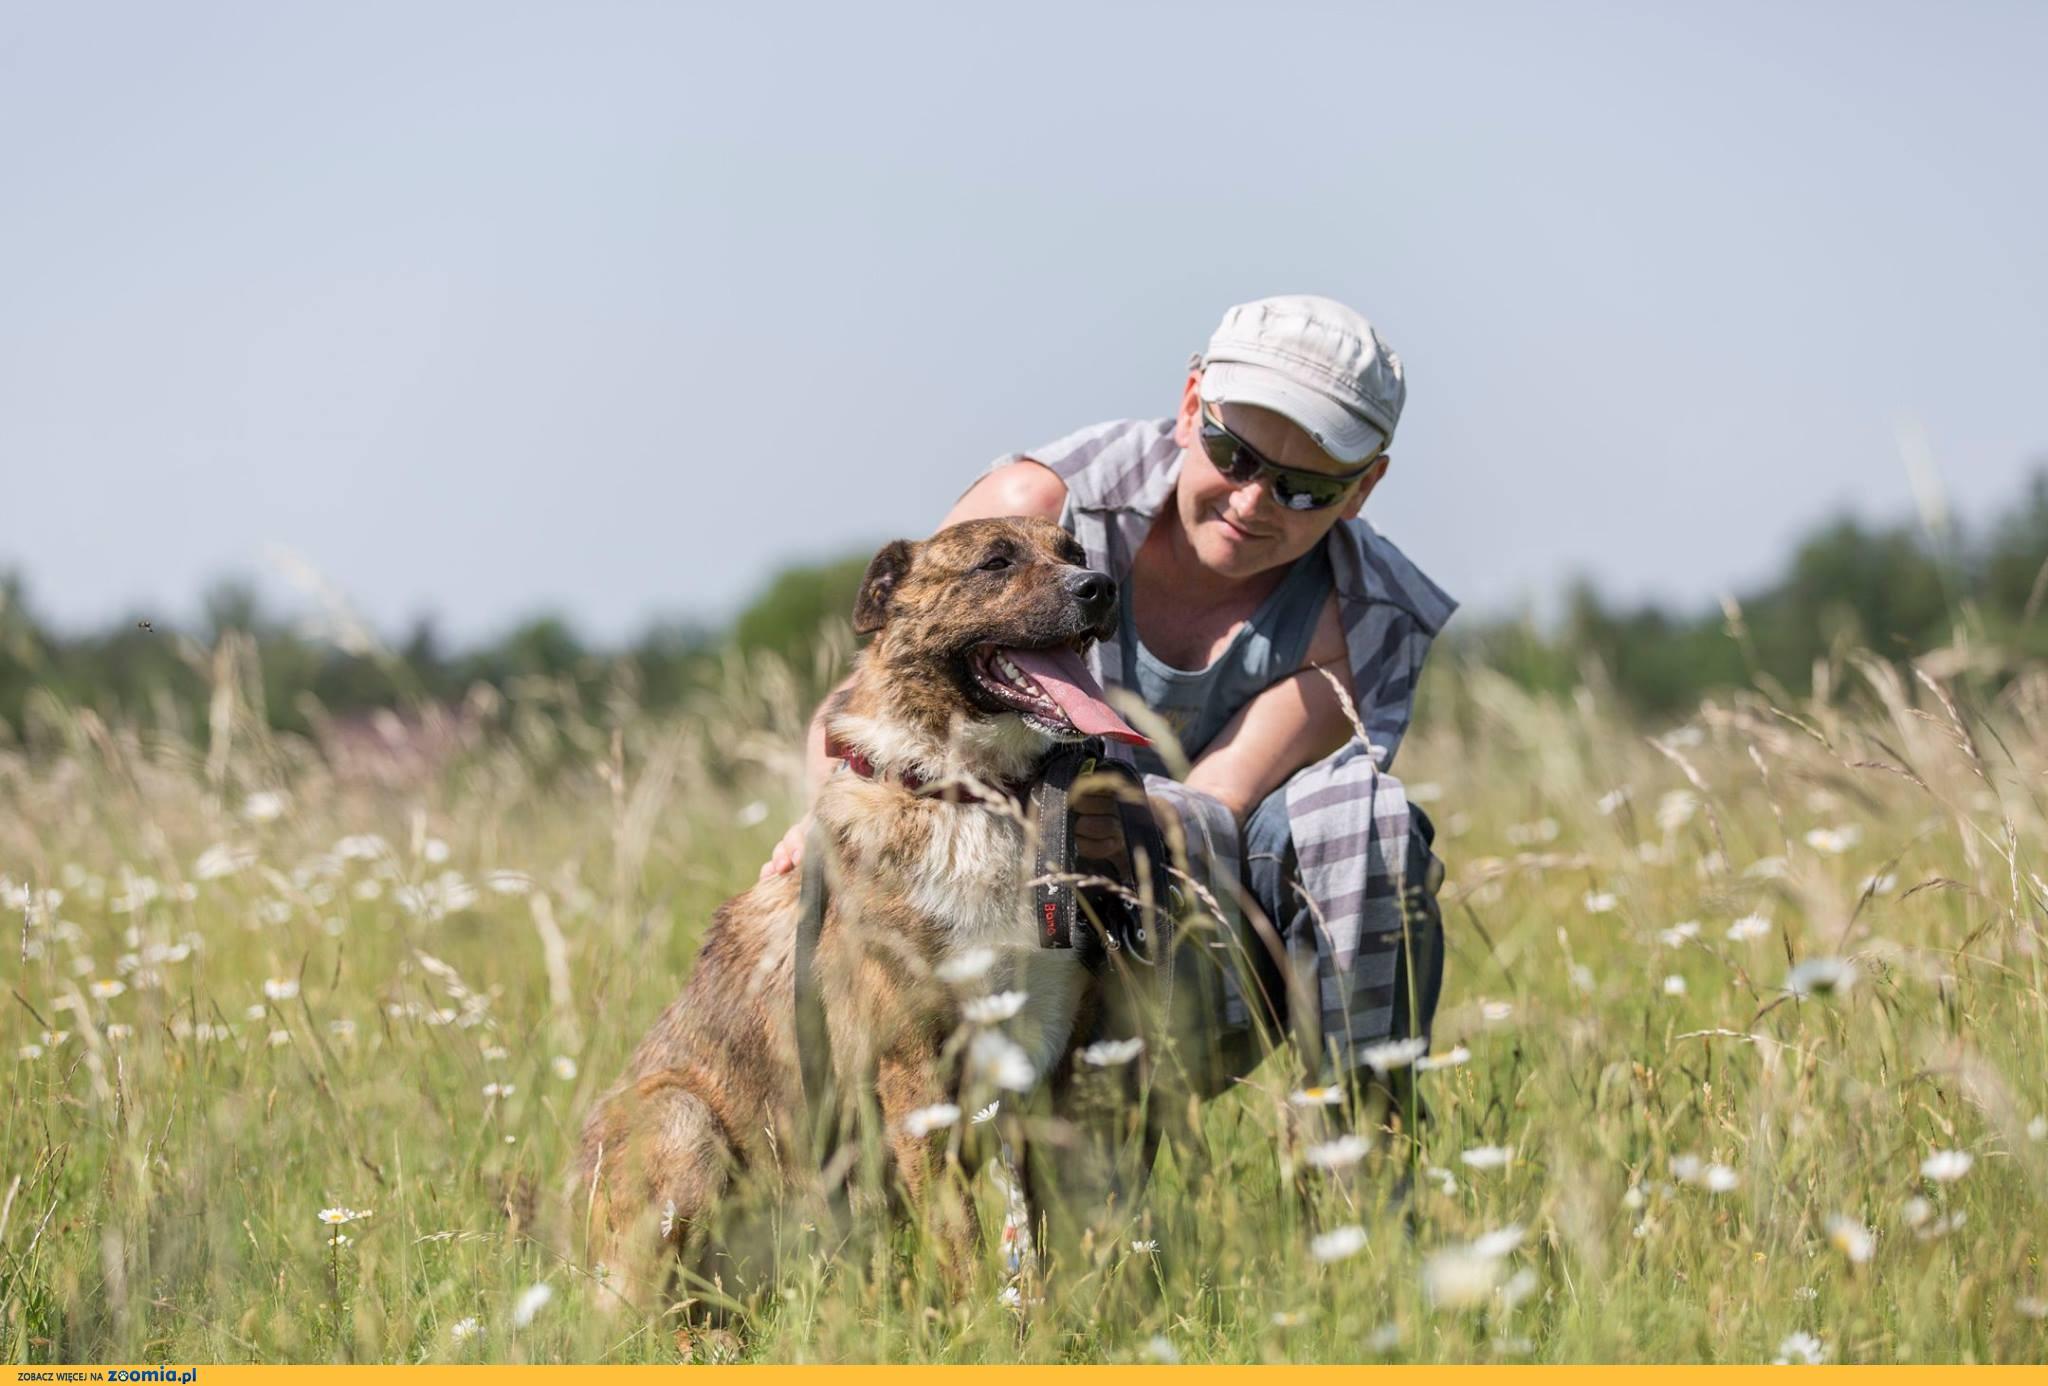 Pogodny, niezwykle przyjazny Teri, cudny psiak do adopcji!